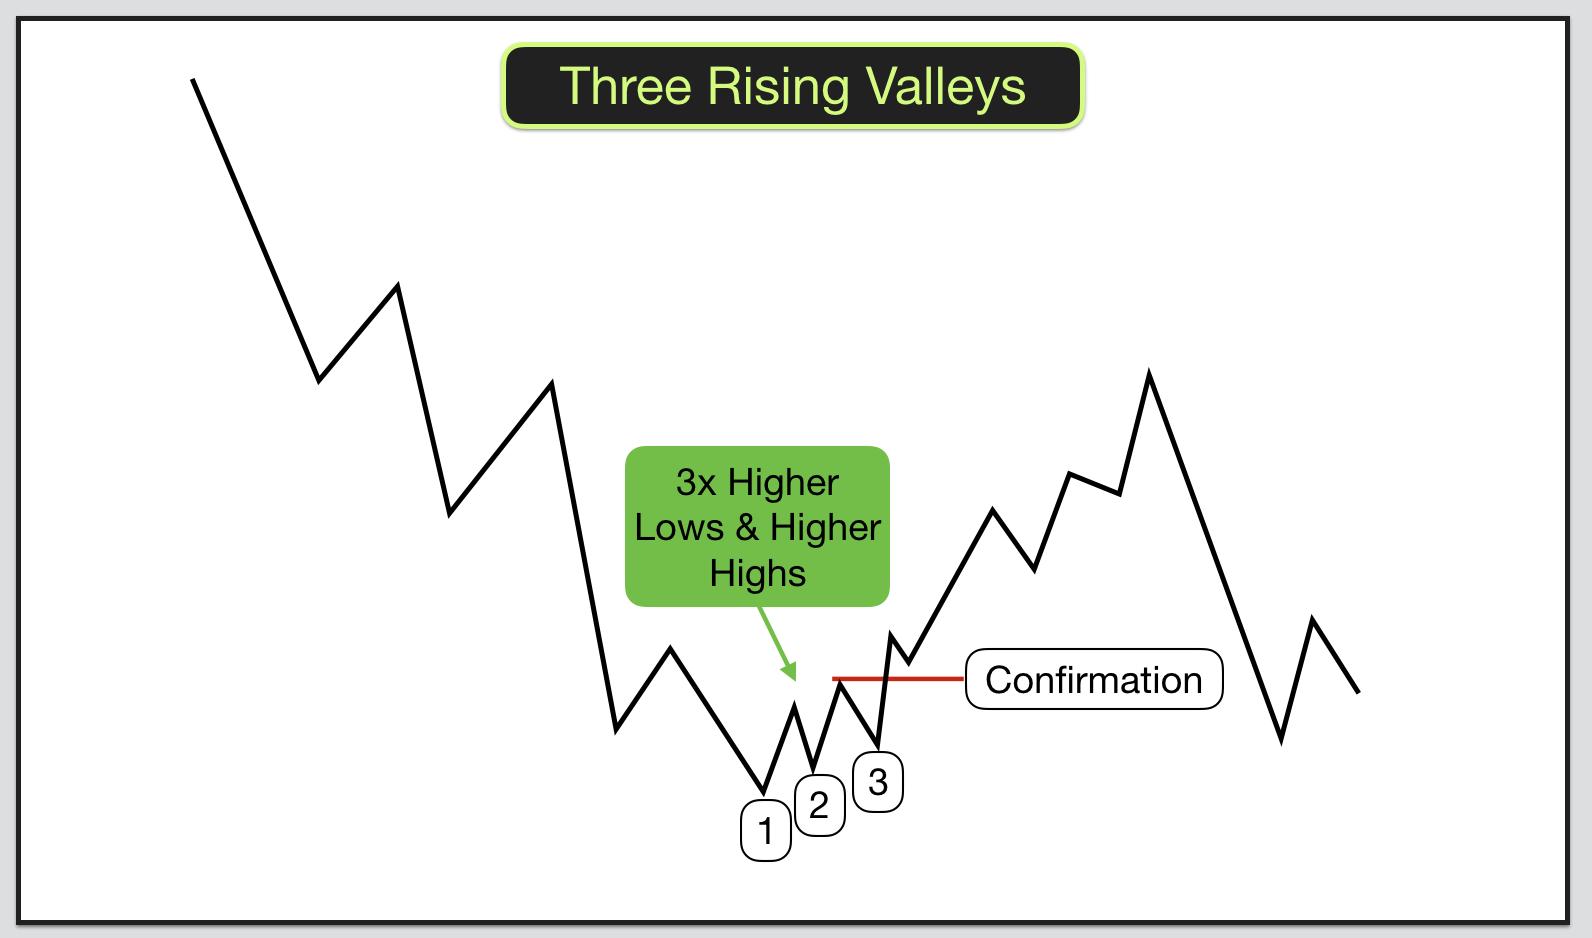 Three Rising Valleys